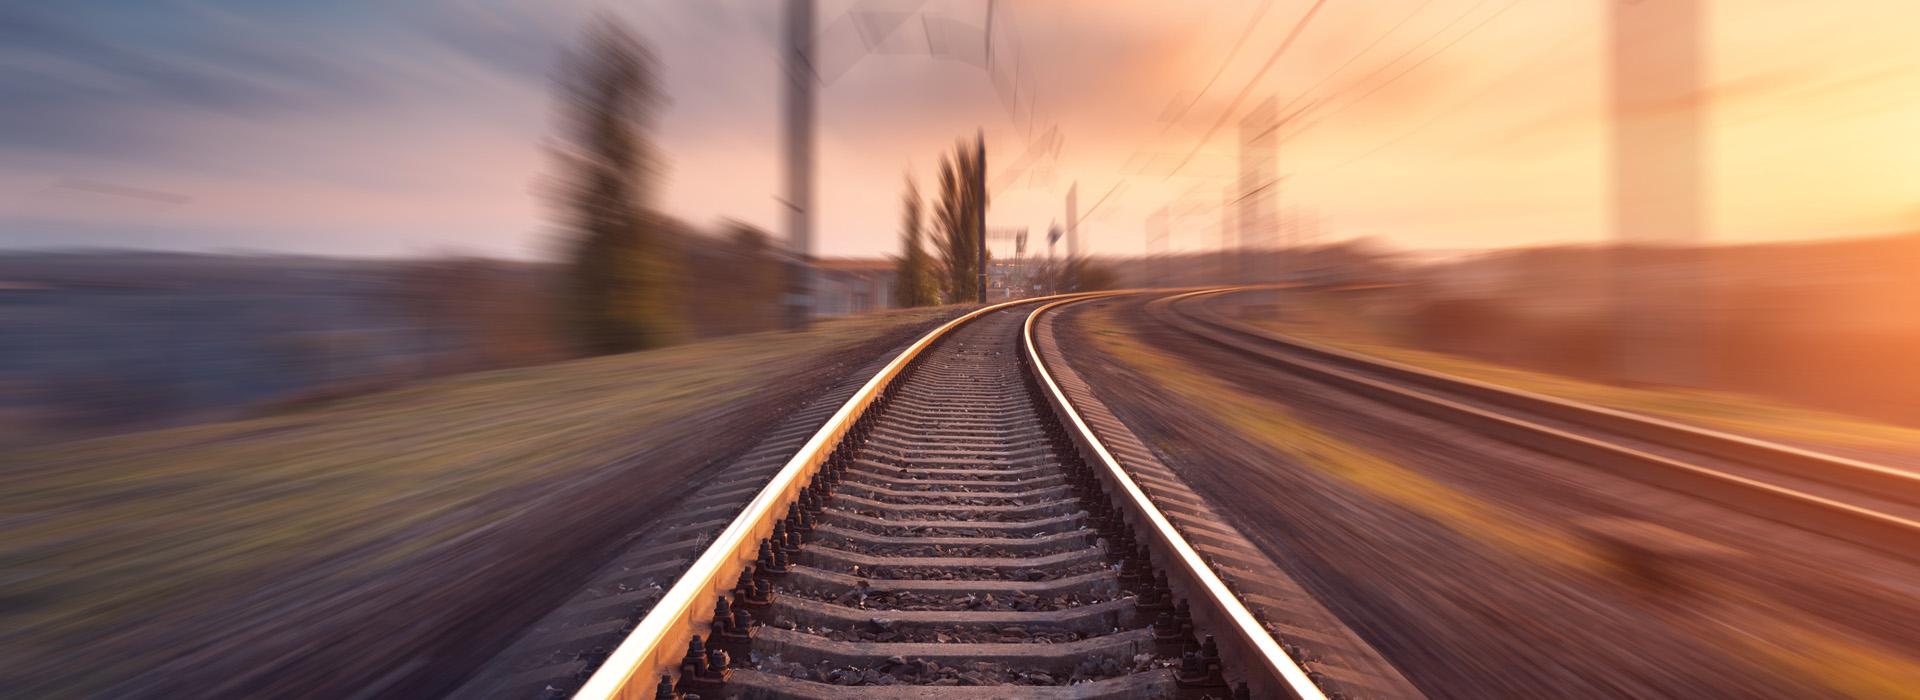 Реализация материалов и оборудования для строительства железных дорог от компании «Портал»